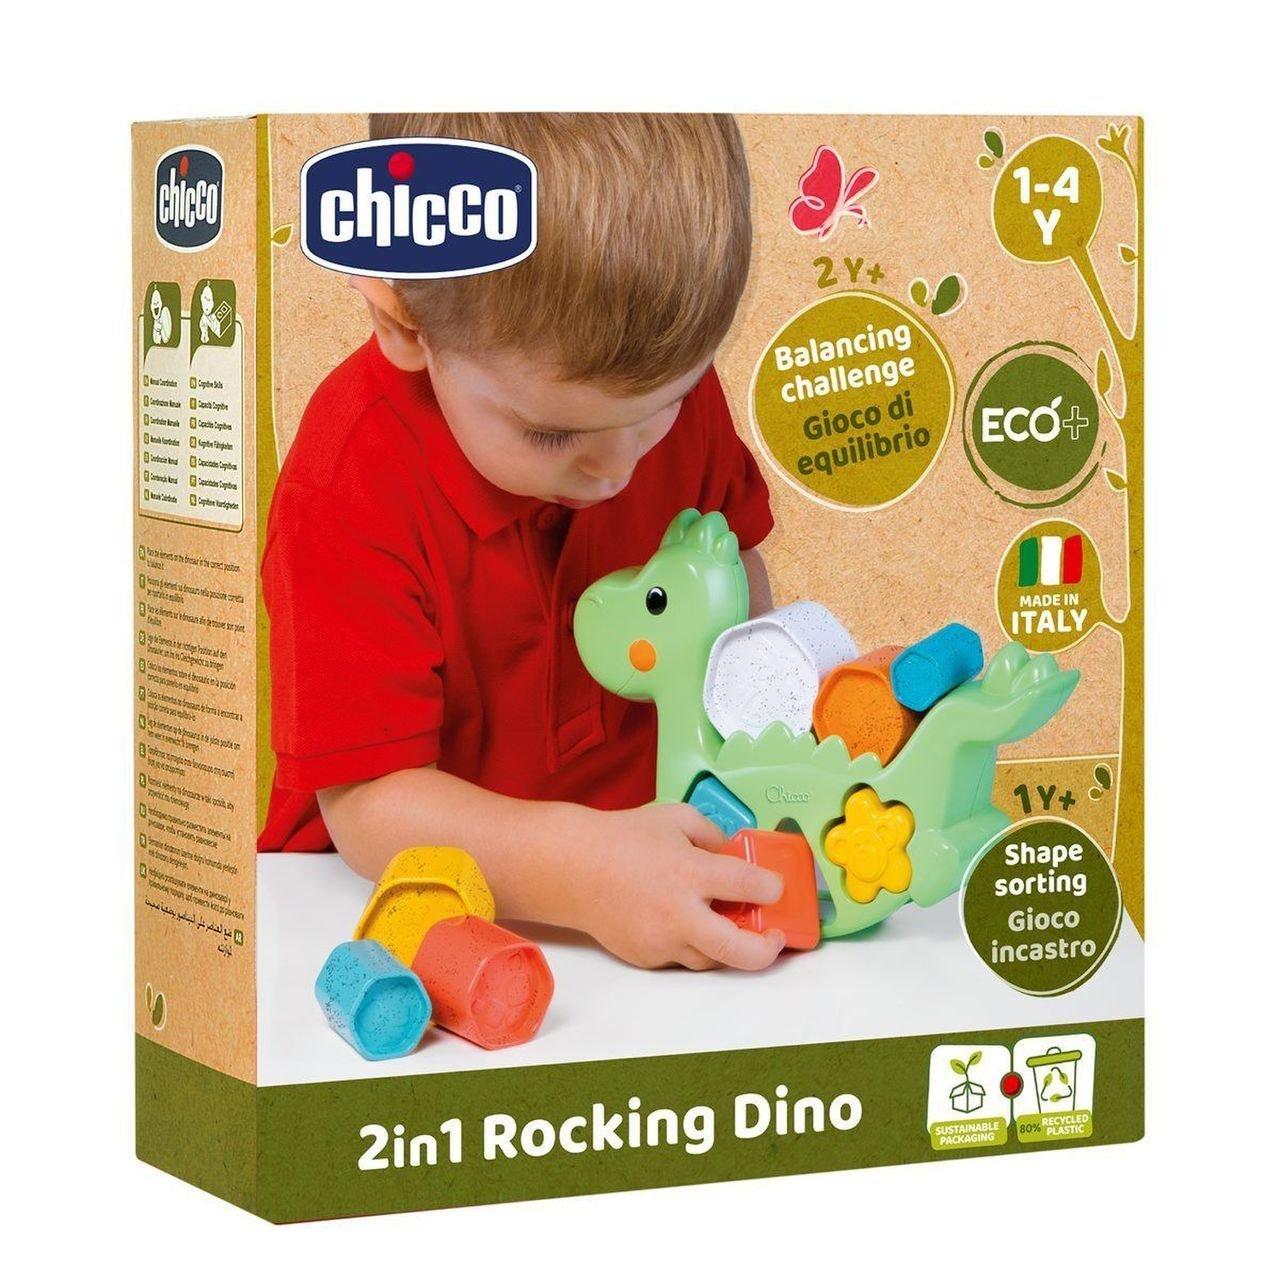 Vklada�ka sorter Dino ECO + - zv��i� obr�zok